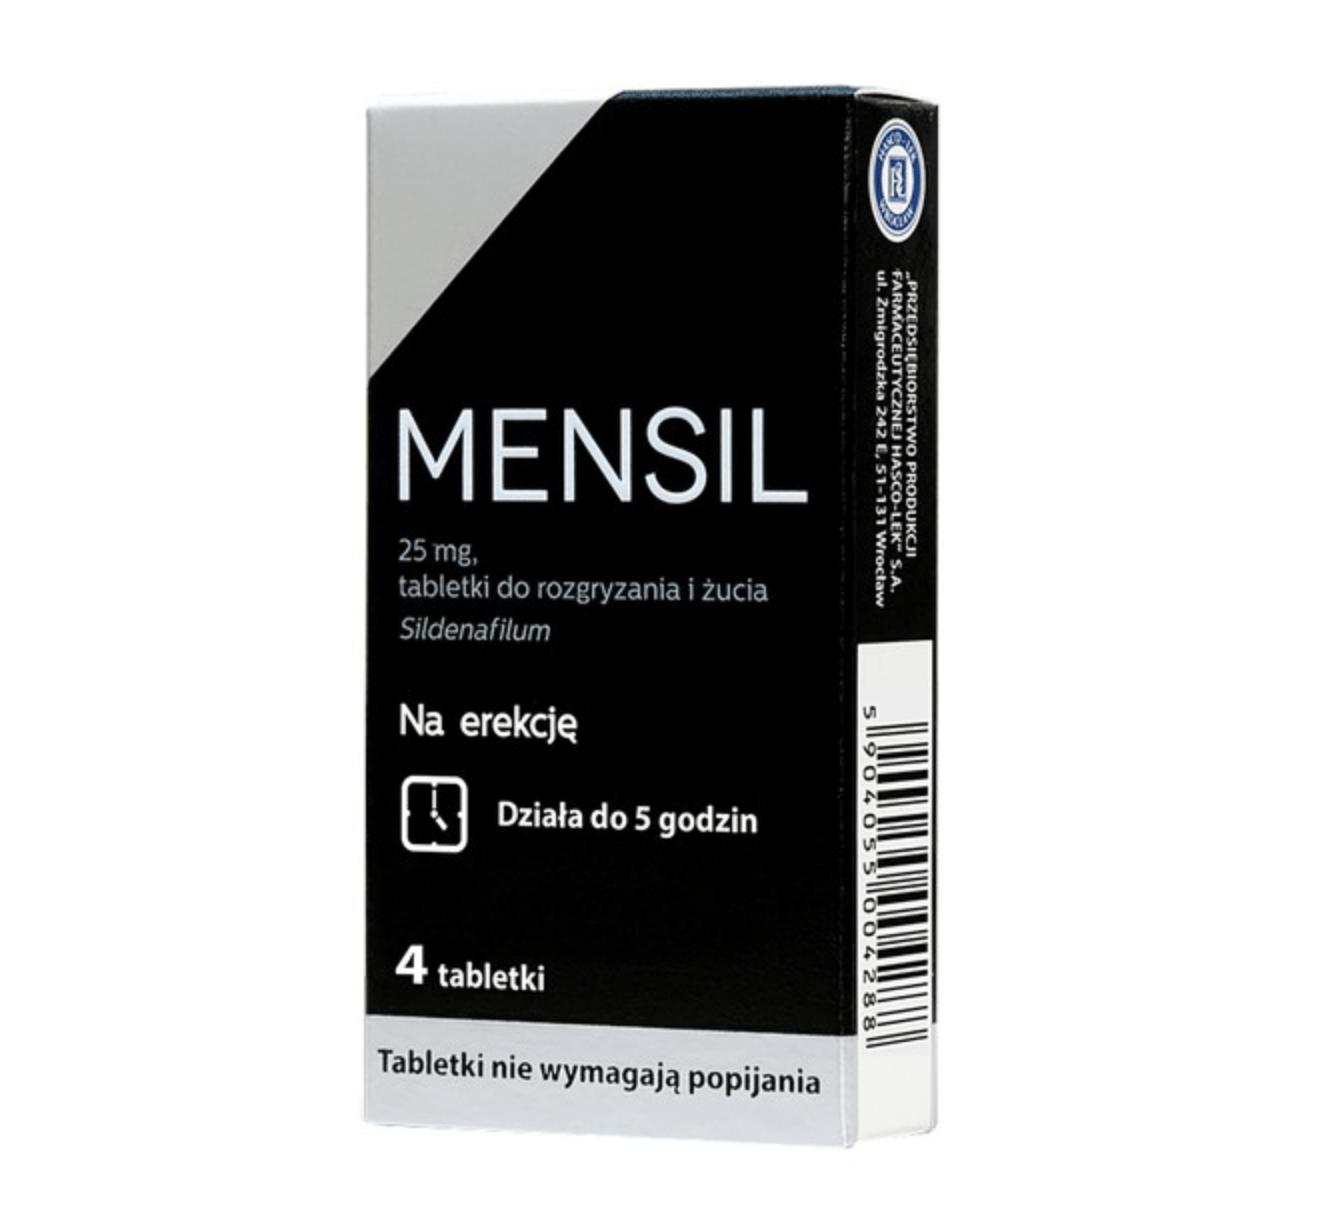 Tabletki Mensil opinie